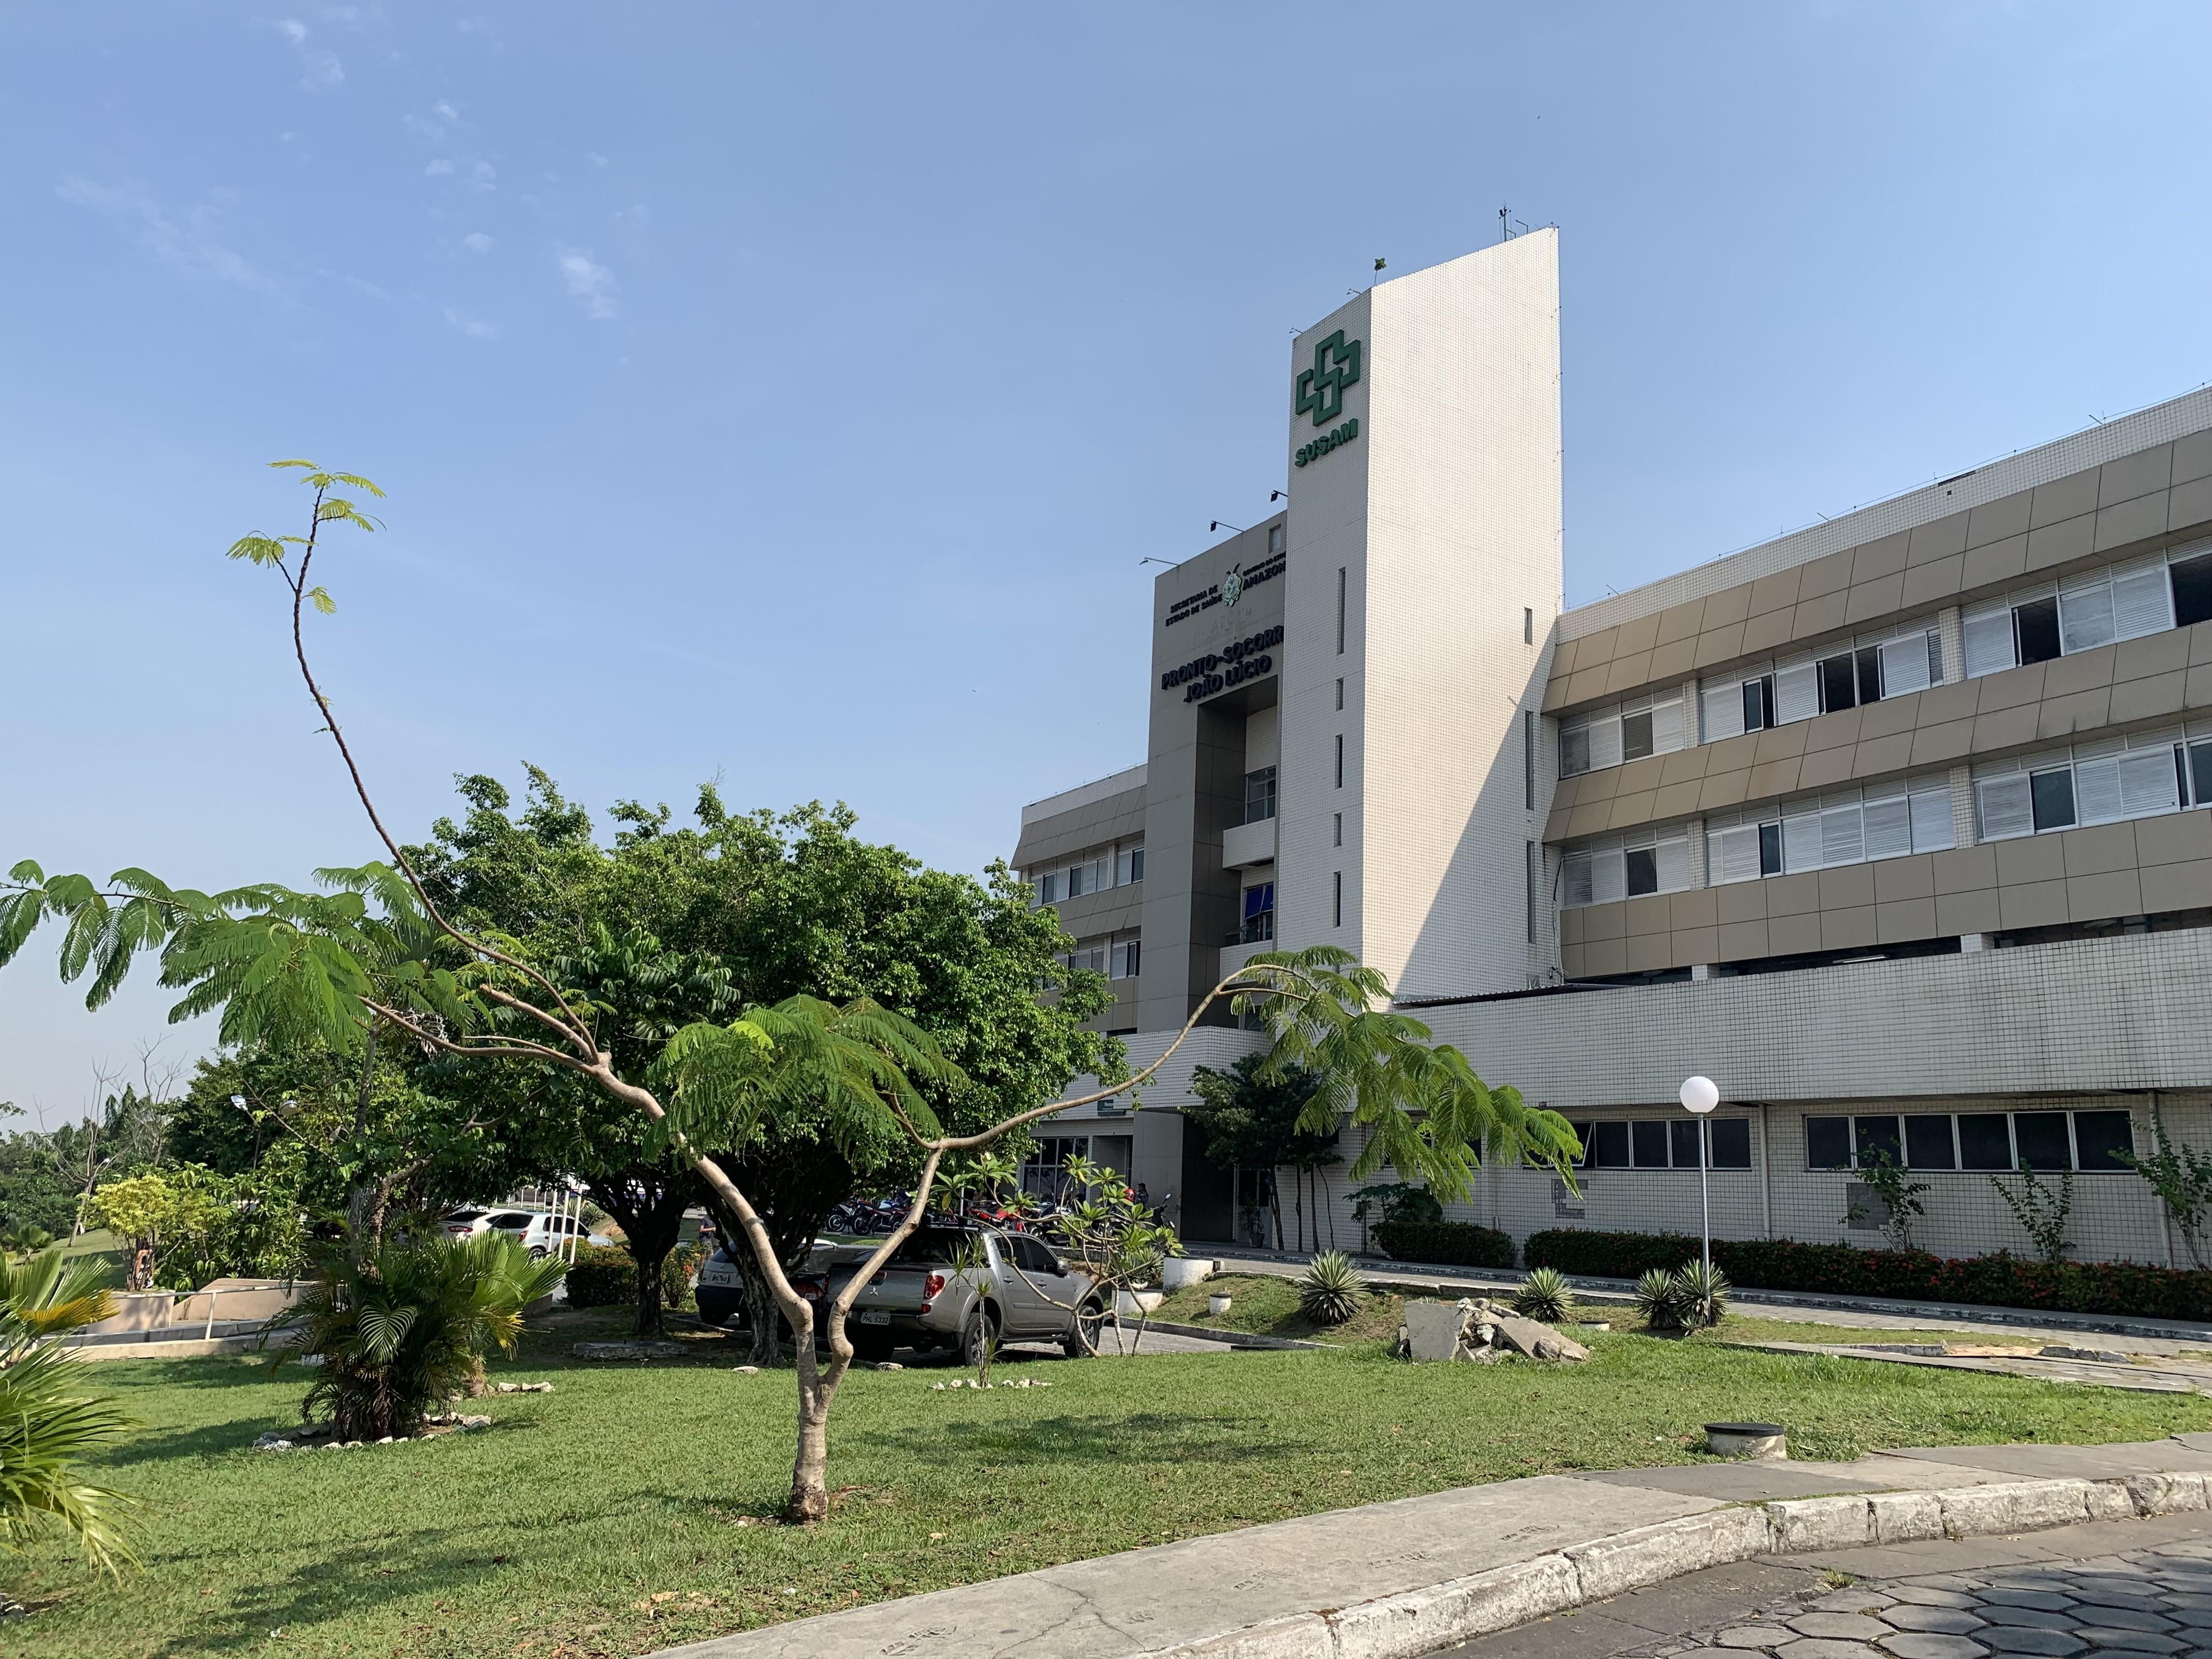 Aposentado morre em hospital após ser atropelado por carro em Manaus